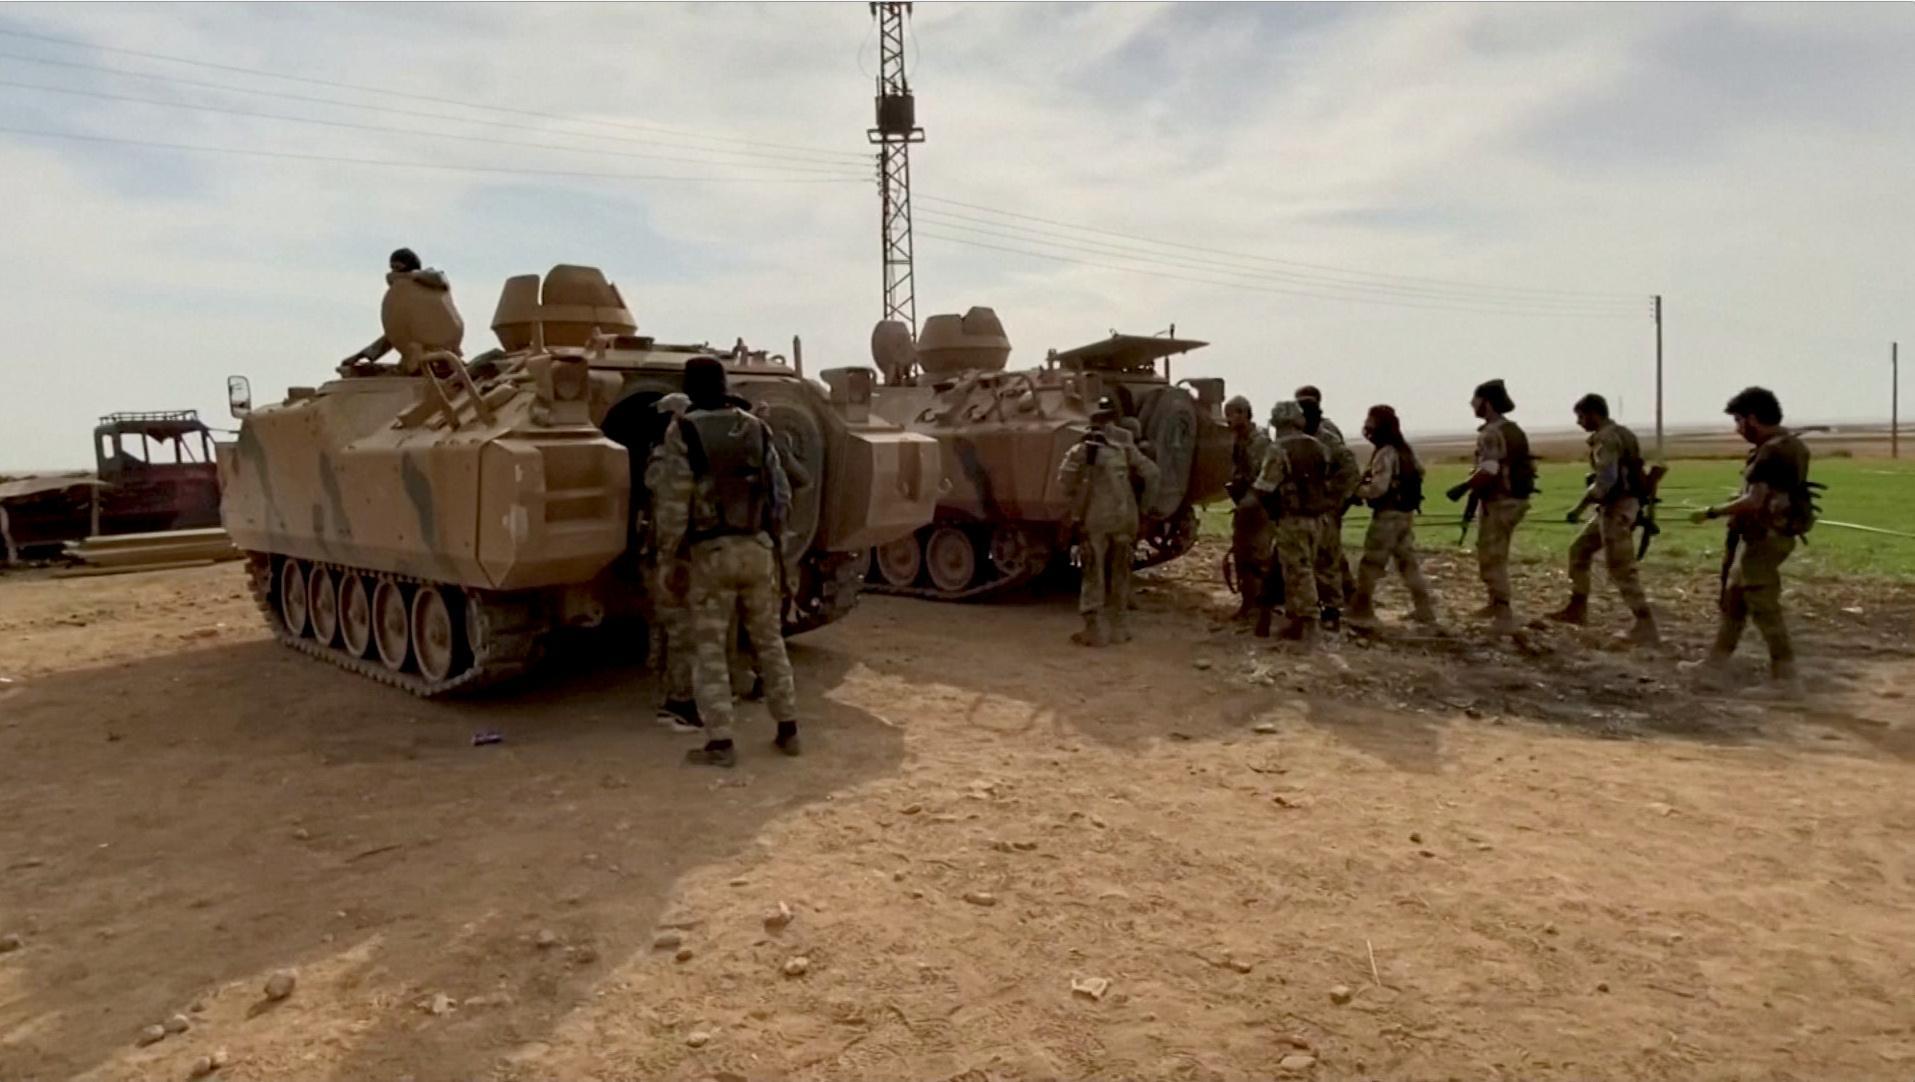 Des rebelles syriens soutenus par la Turquie s'emparent du centre de la ville frontalière syrienne